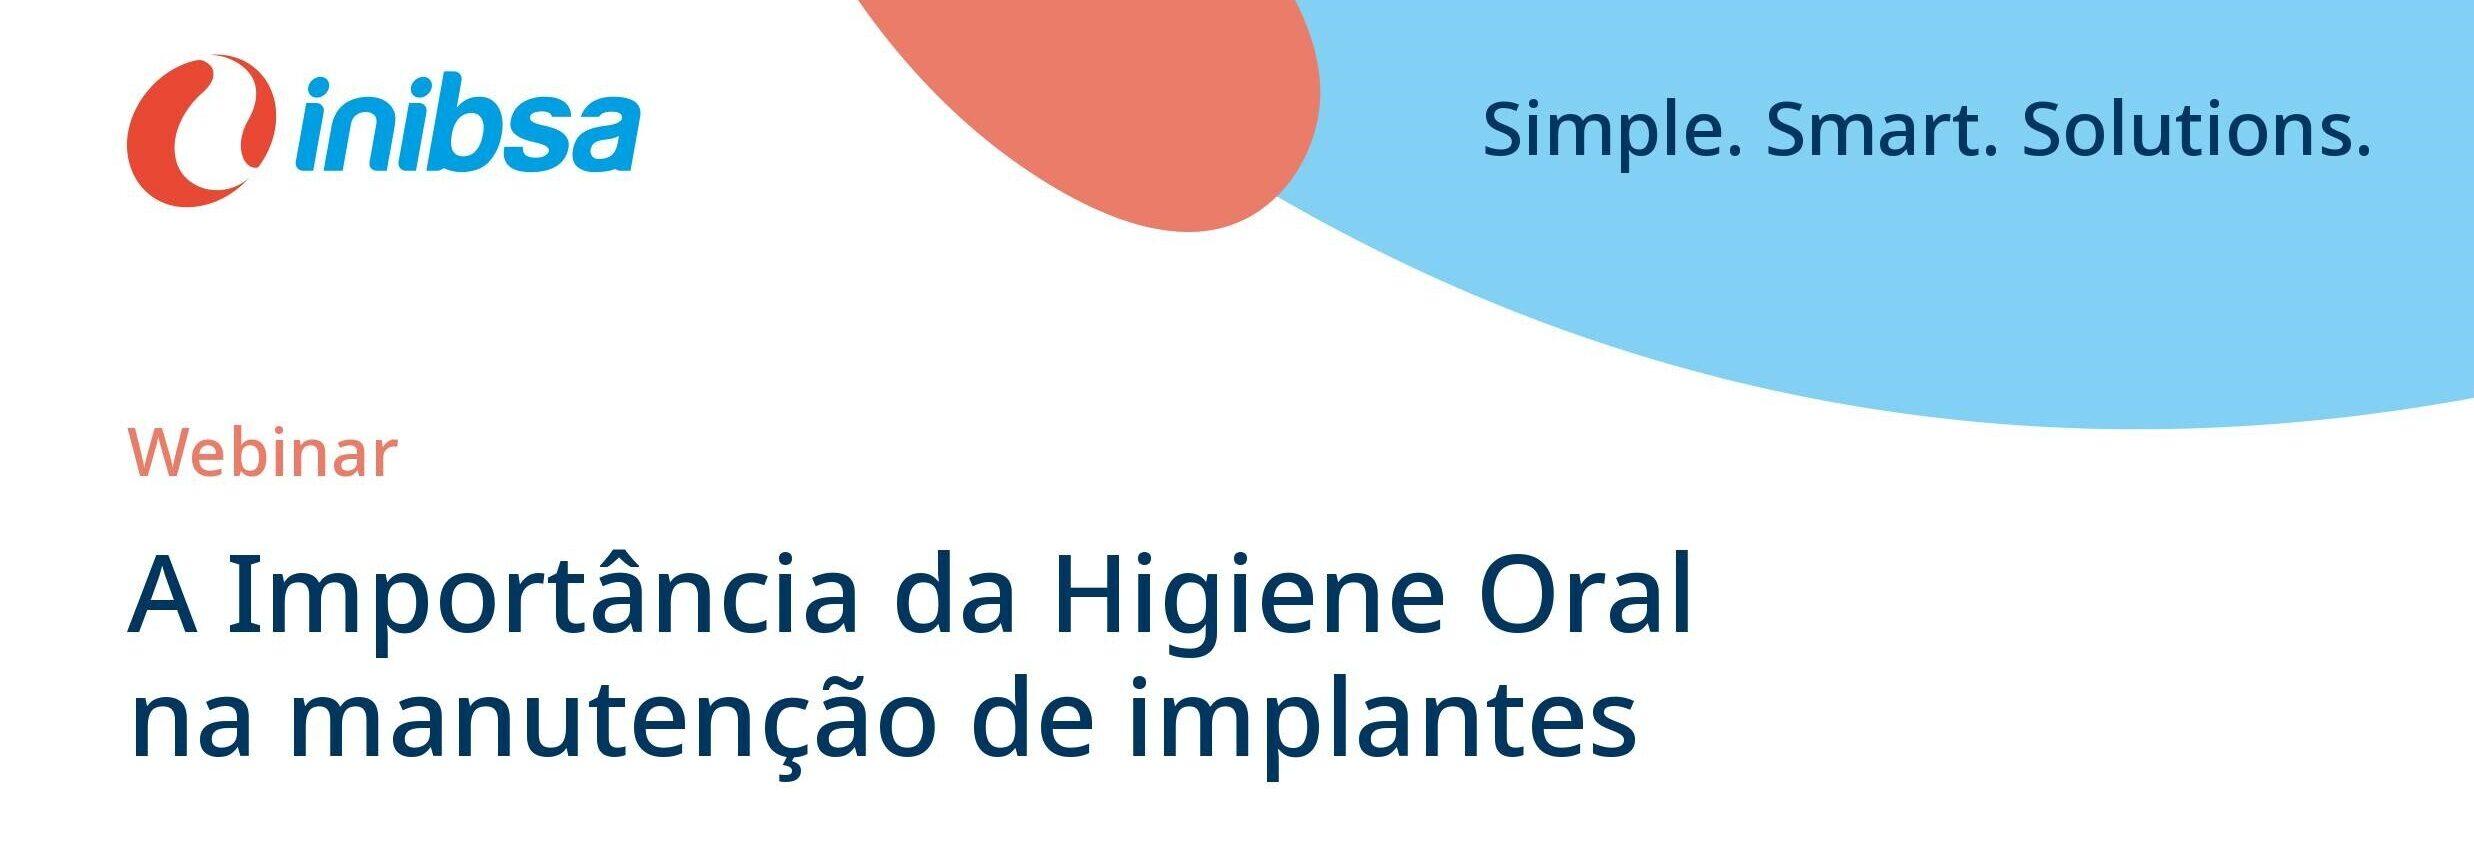 A Importância da Higiene Oral na    manutenção dos implantes